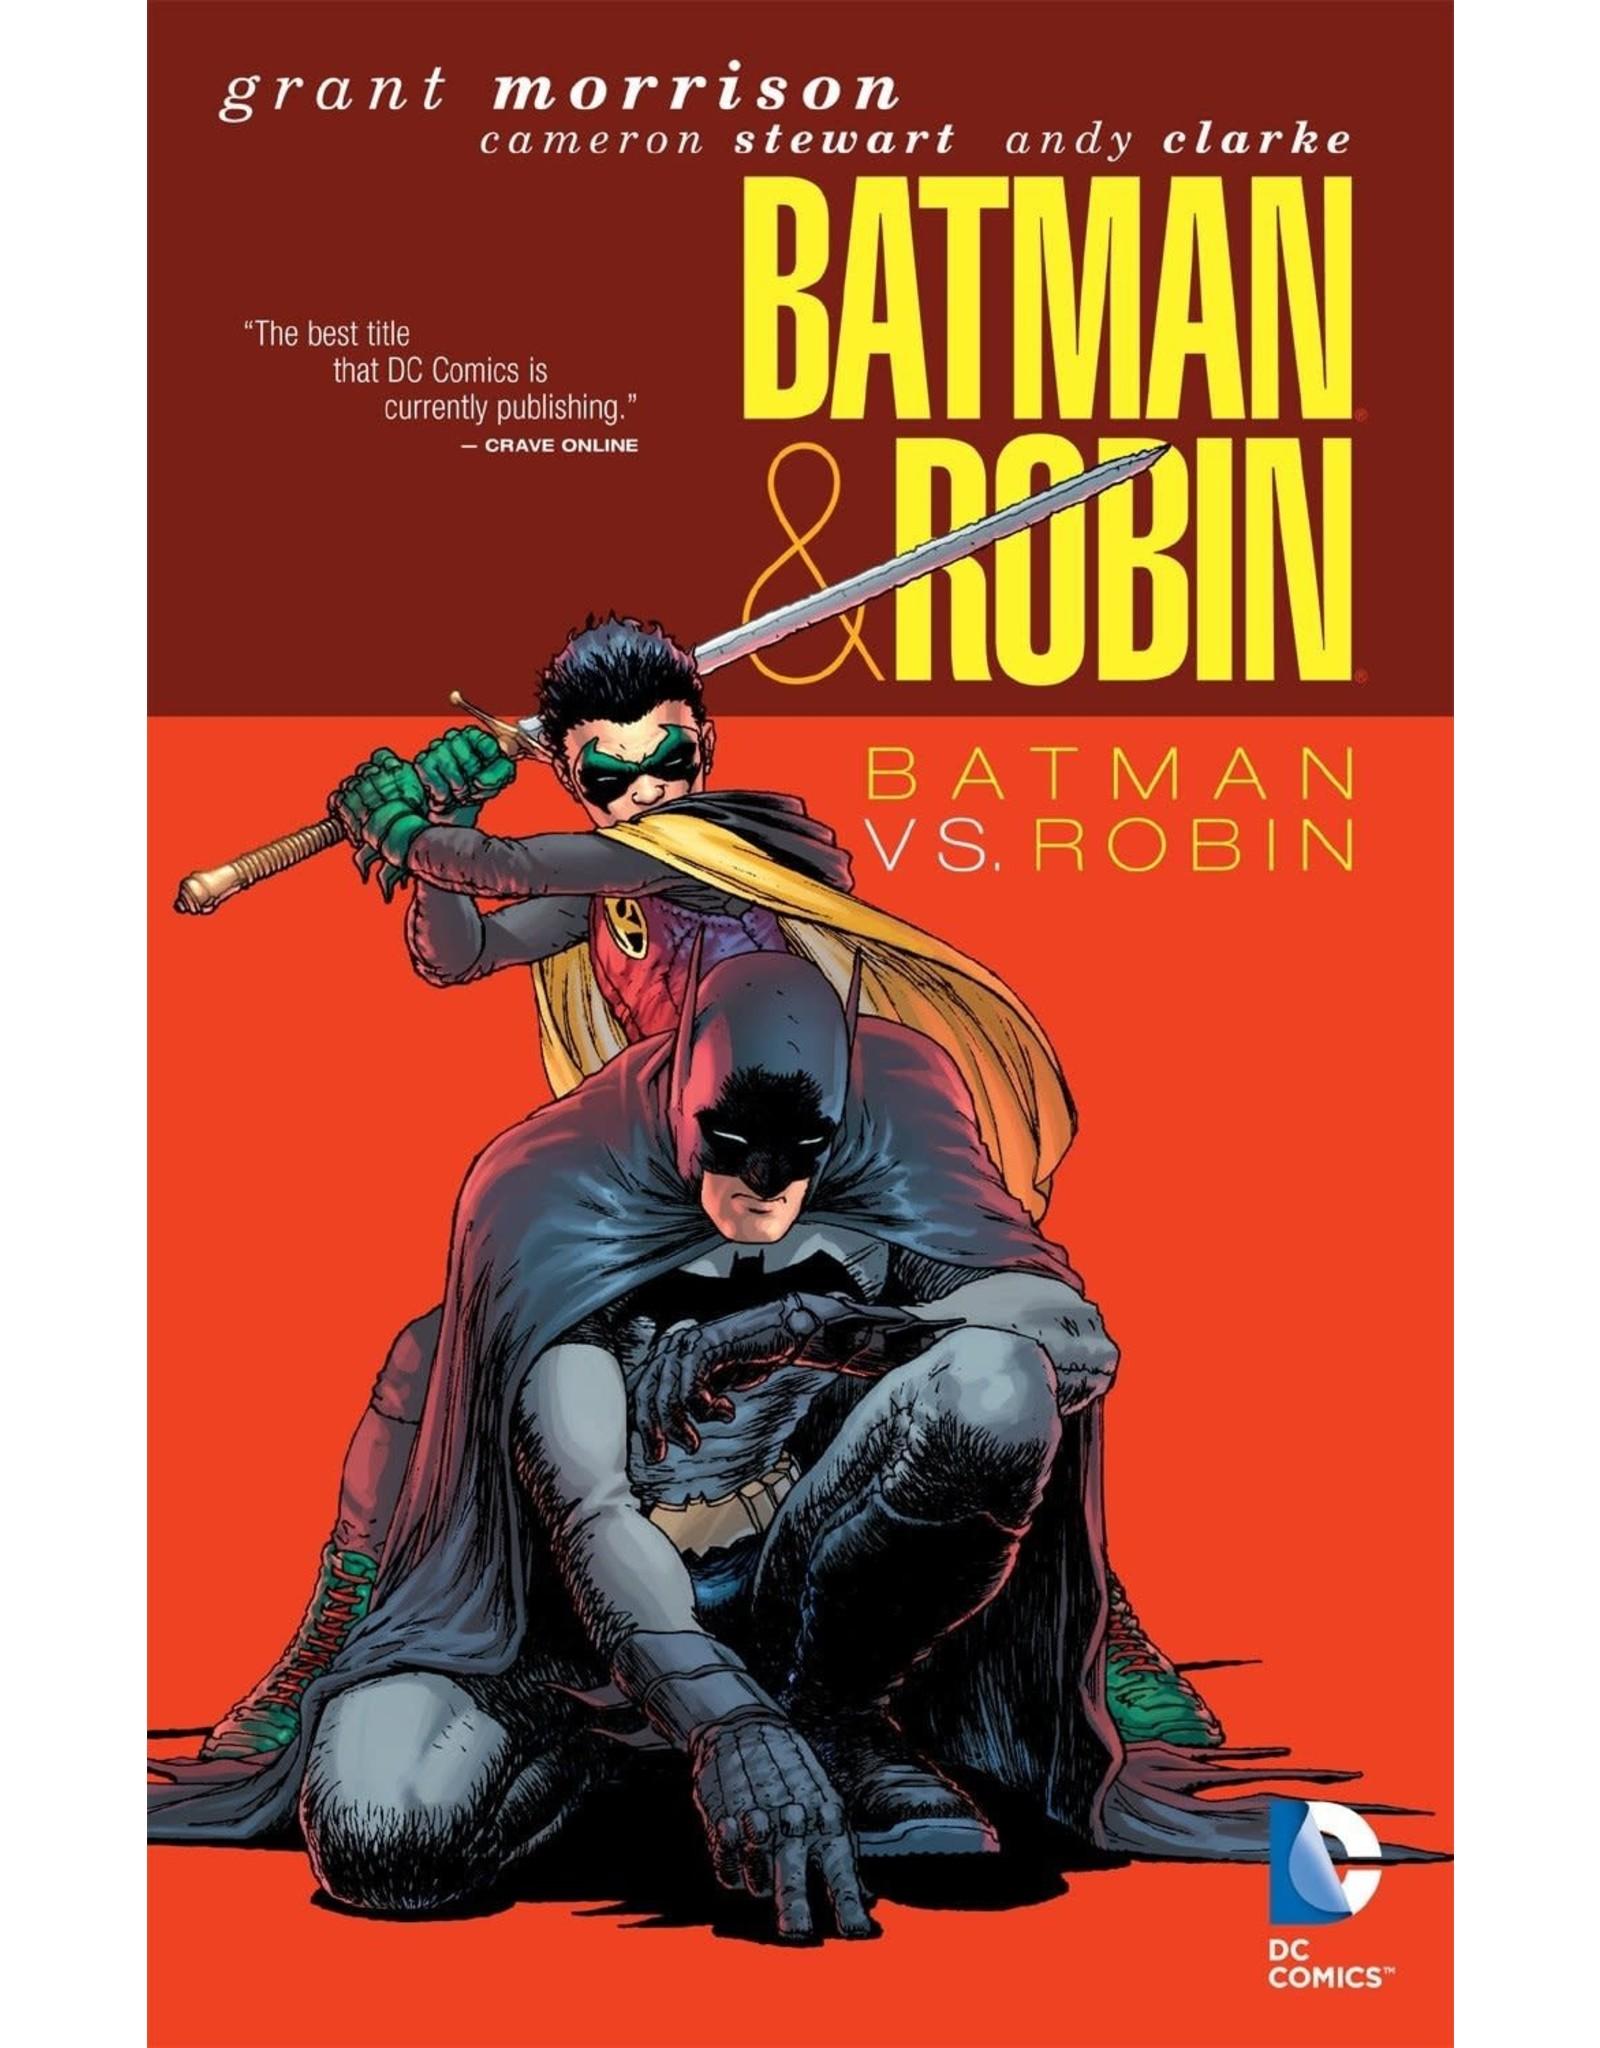 DC COMICS BATMAN AND ROBIN DELUXE HC VOL 02 BATMAN VS ROBIN